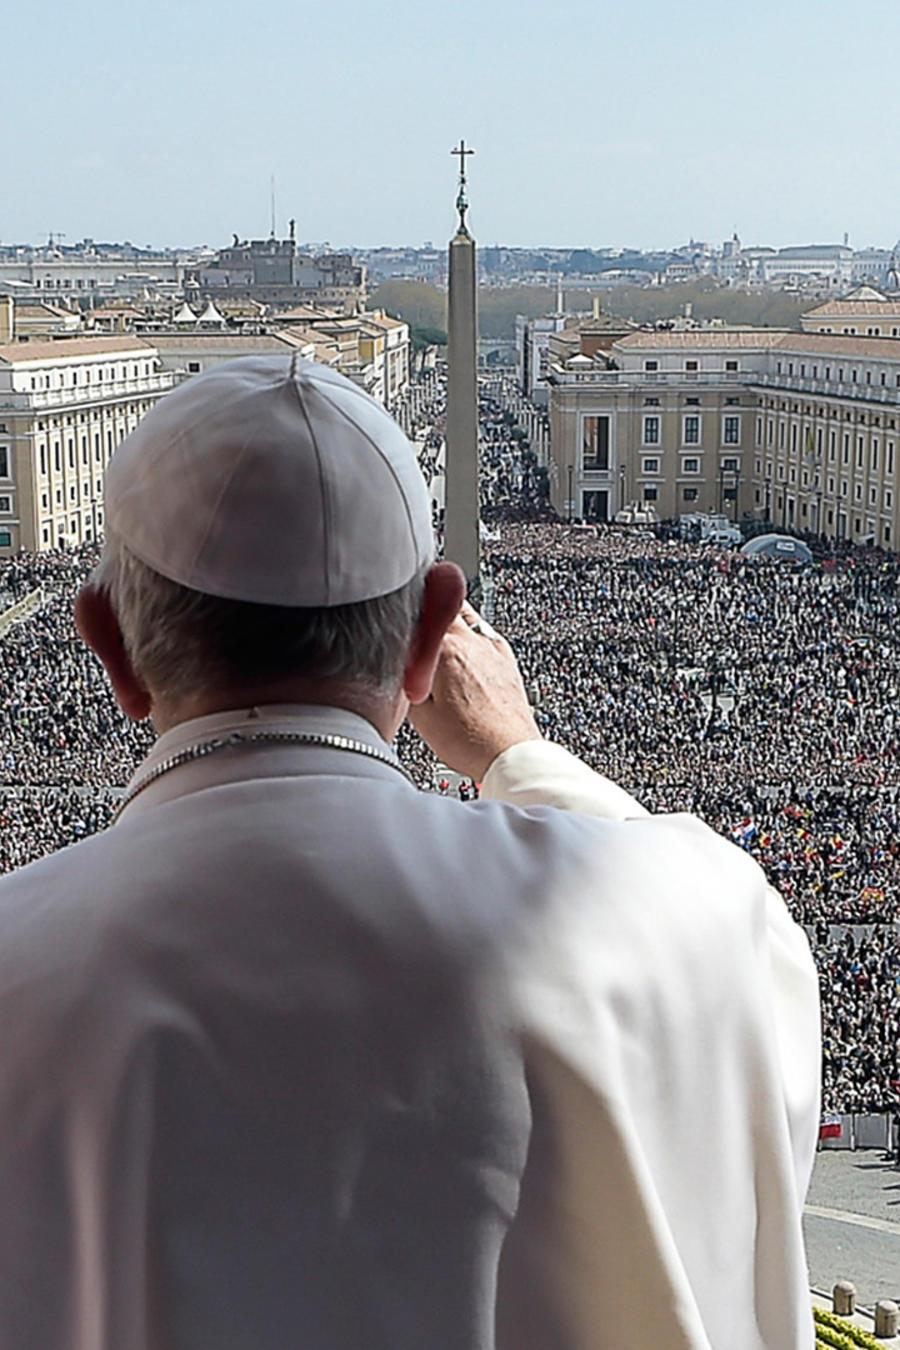 El papa Francisco pronuncia su mensaje Urbi et Orbi (a la ciudad y al mundo) en la misa de Pascua, en la Plaza de San Pedro, en el Vaticano el domingo 27 de marzo de 2016.